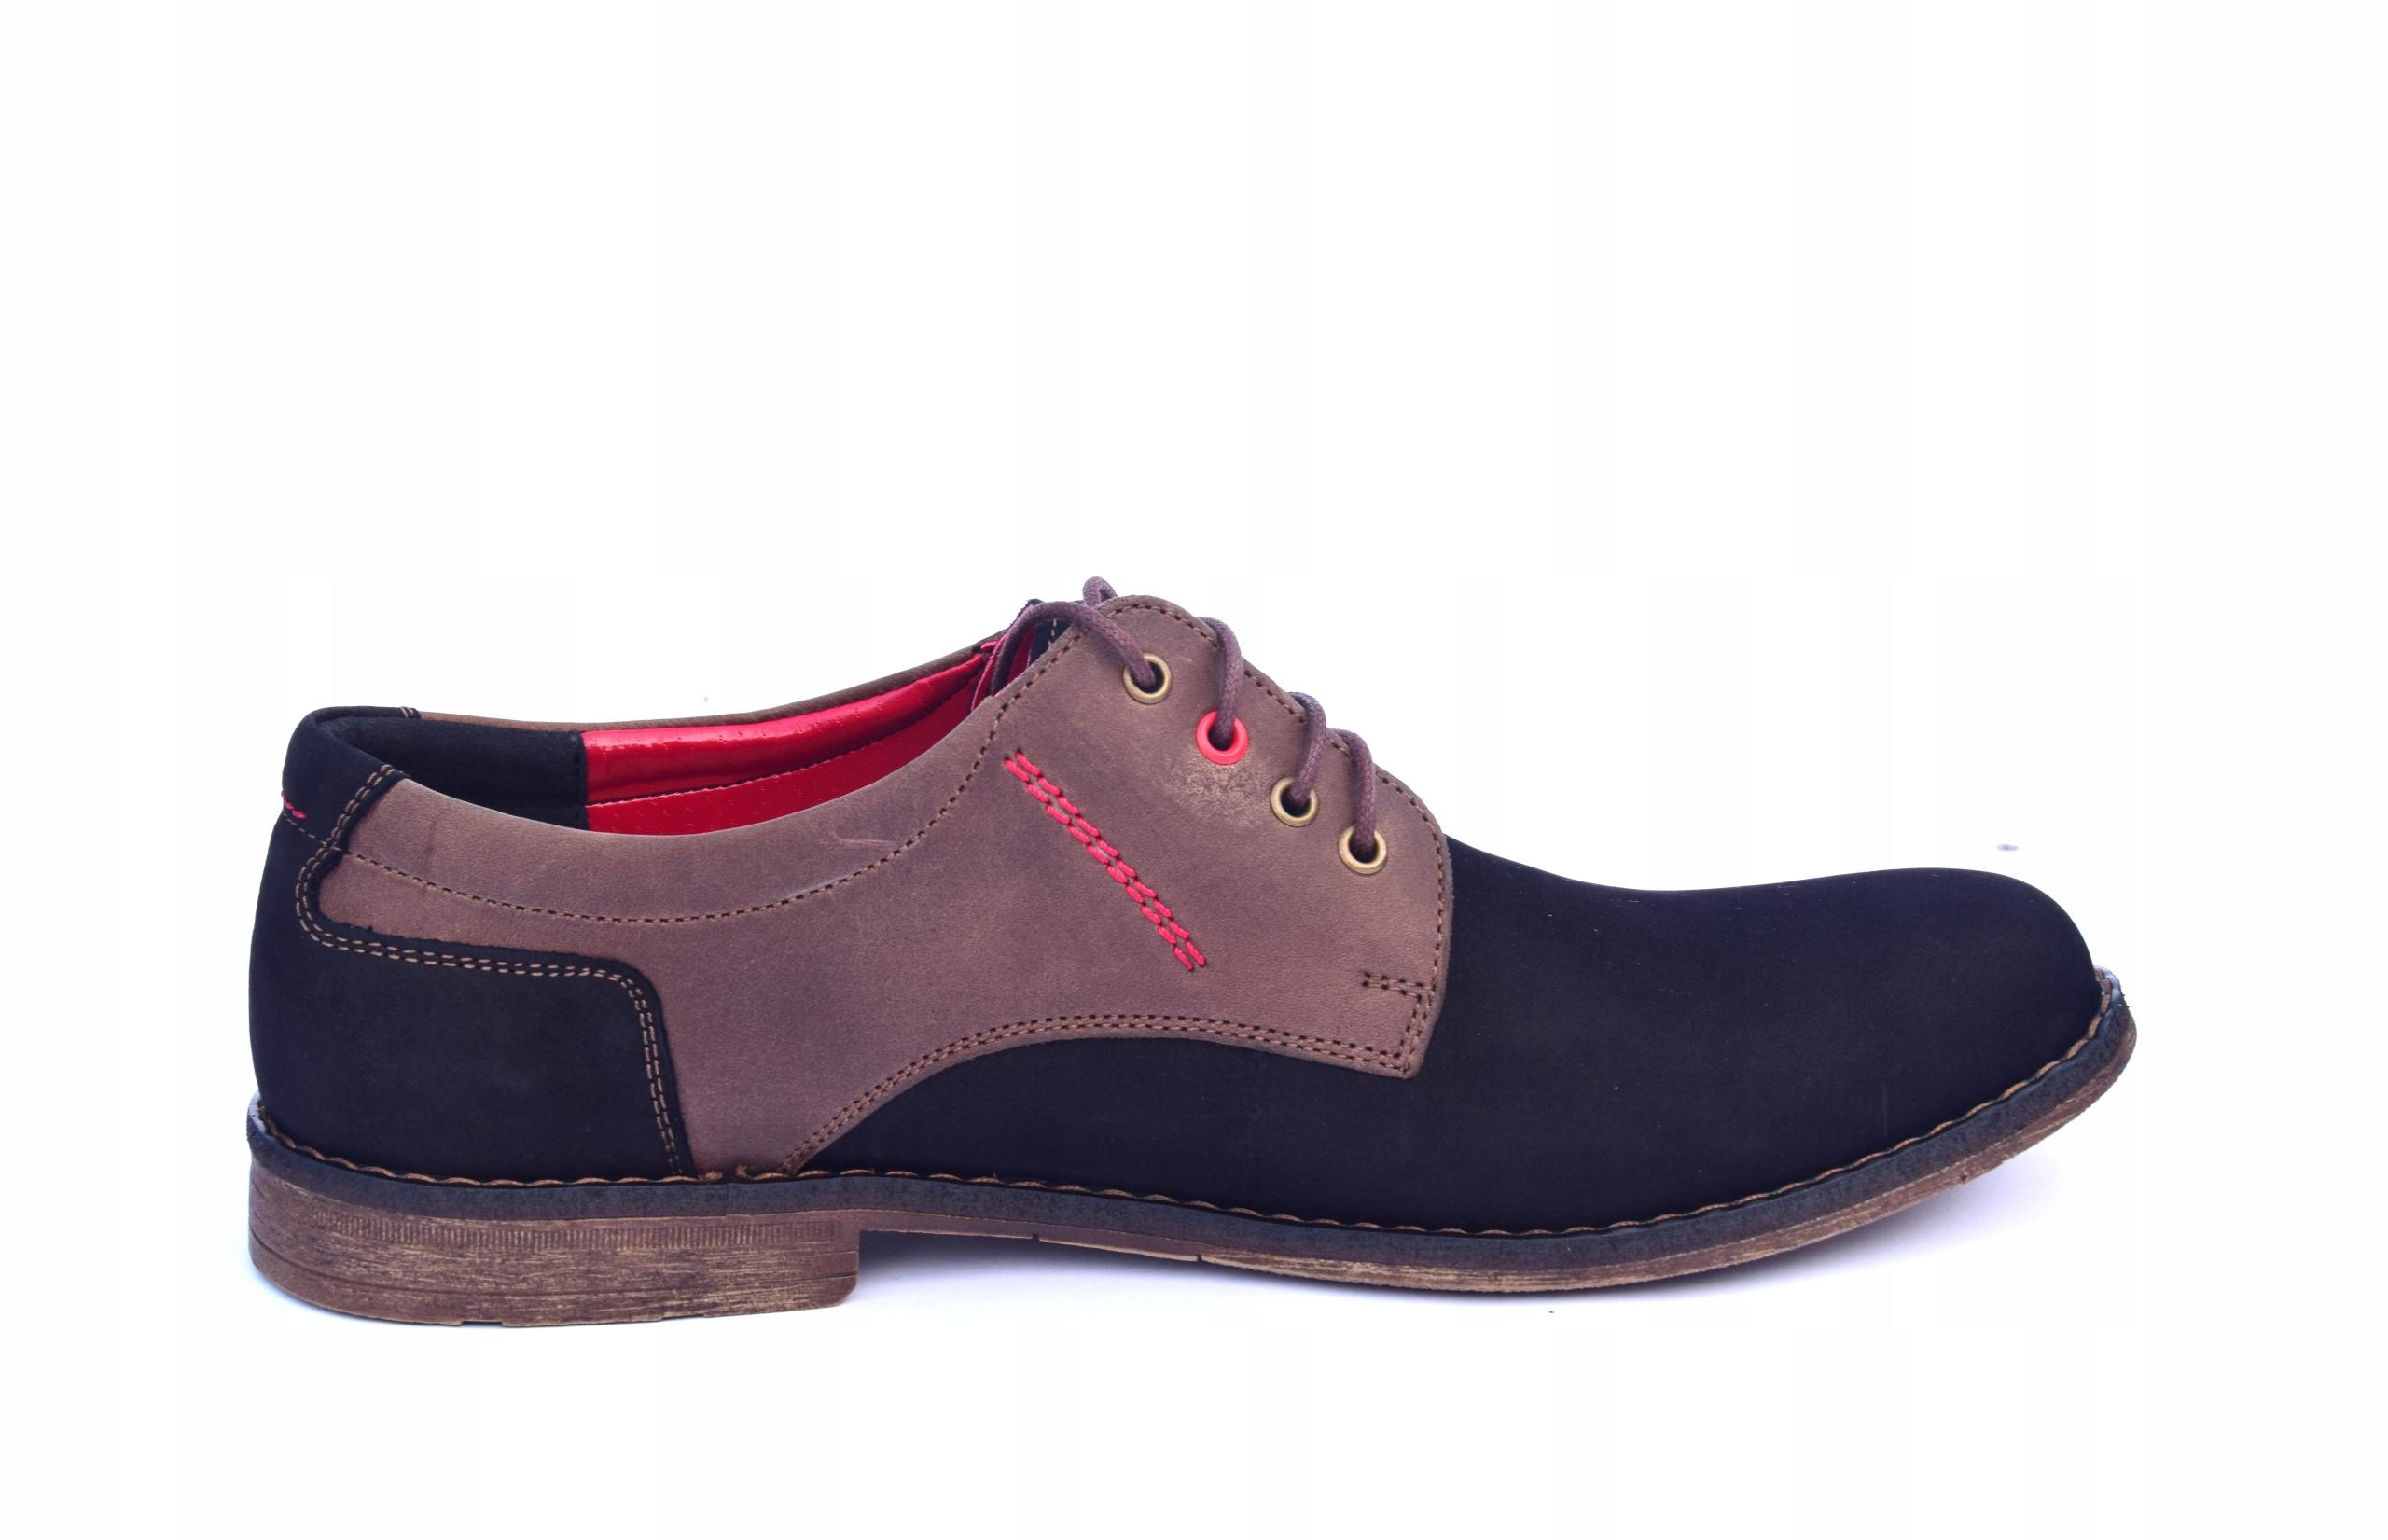 Buty skórzane męskie obuwie polskiej produkcji 258 Rozmiar 41